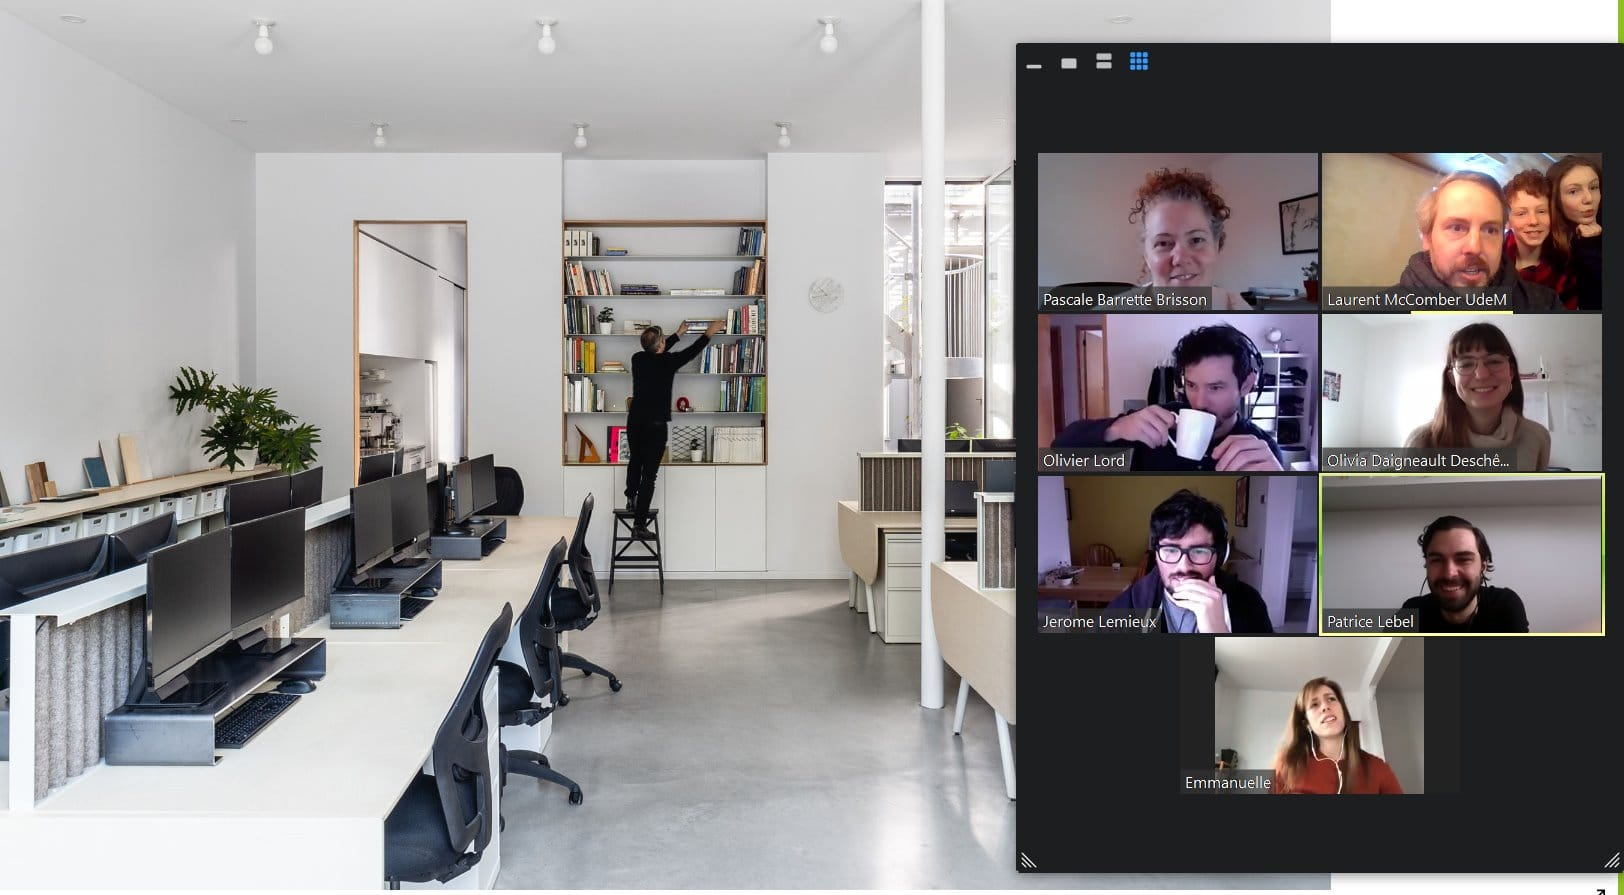 Laurent McComber et son équipe en vidéoconférence. Image : L. McComber